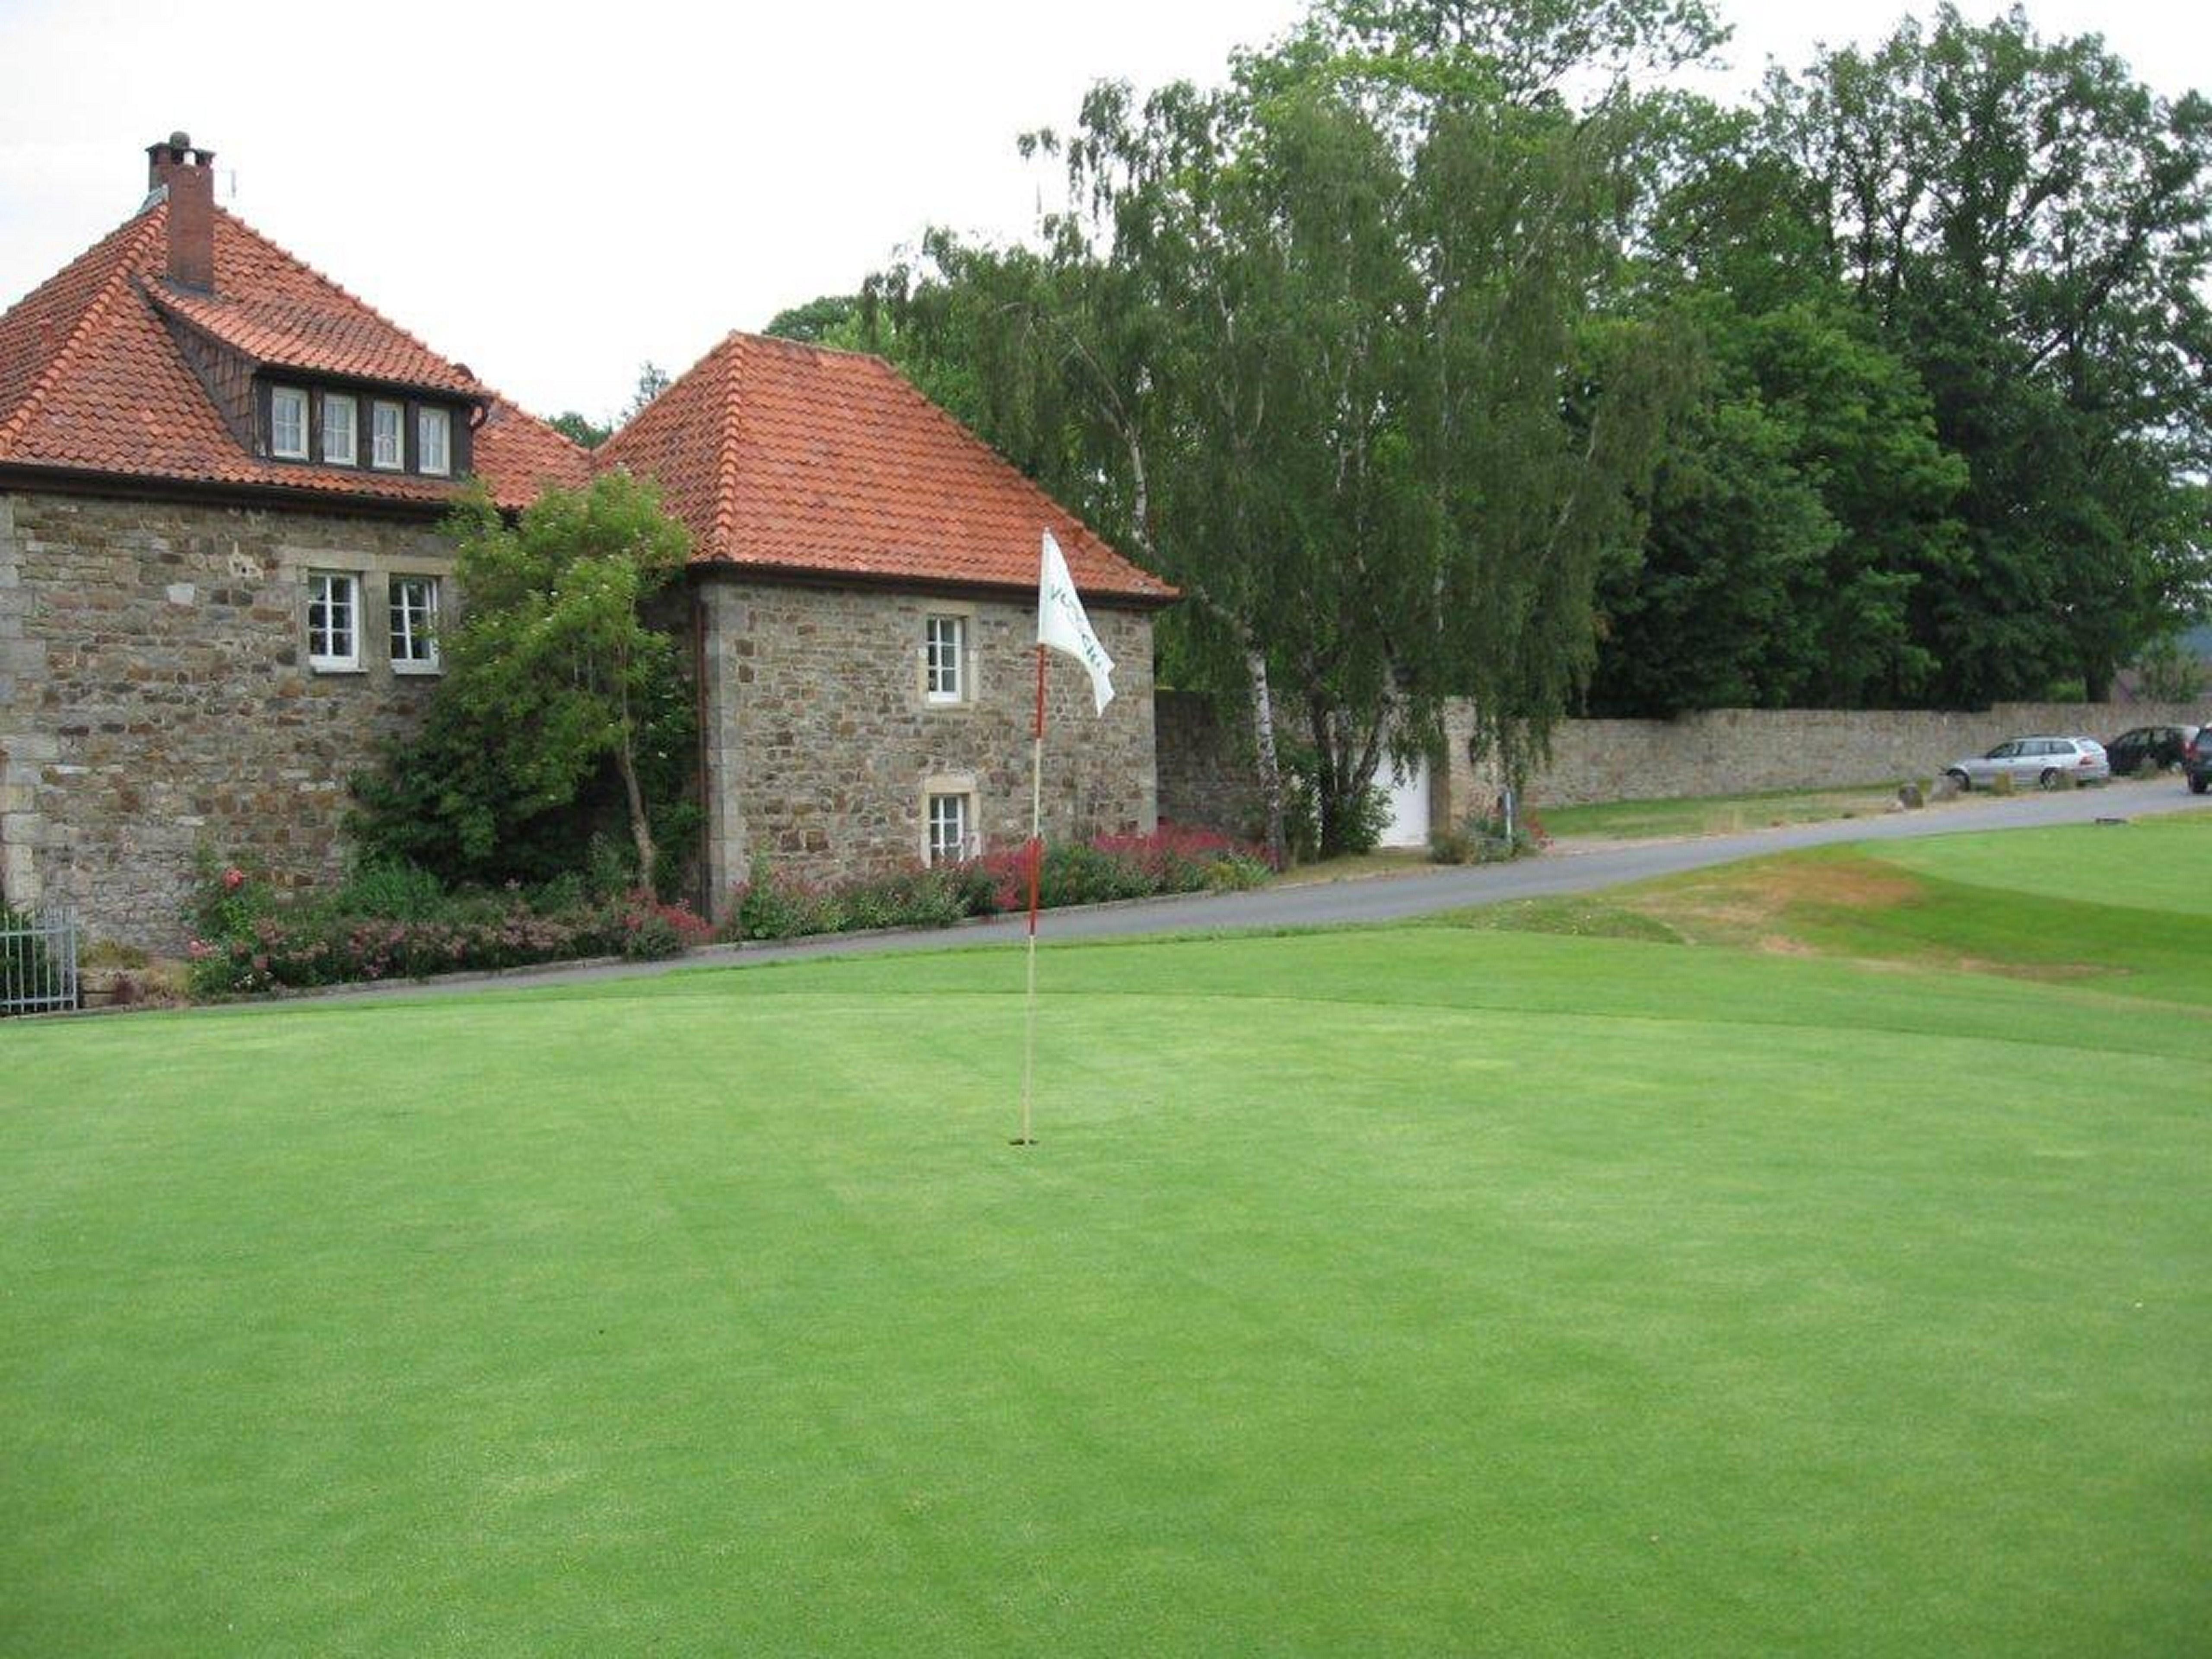 Impressionen vom Golfclub Schloss Schwöbber. (Quelle: Hamelner Golfclub Schloss Schwöbber)